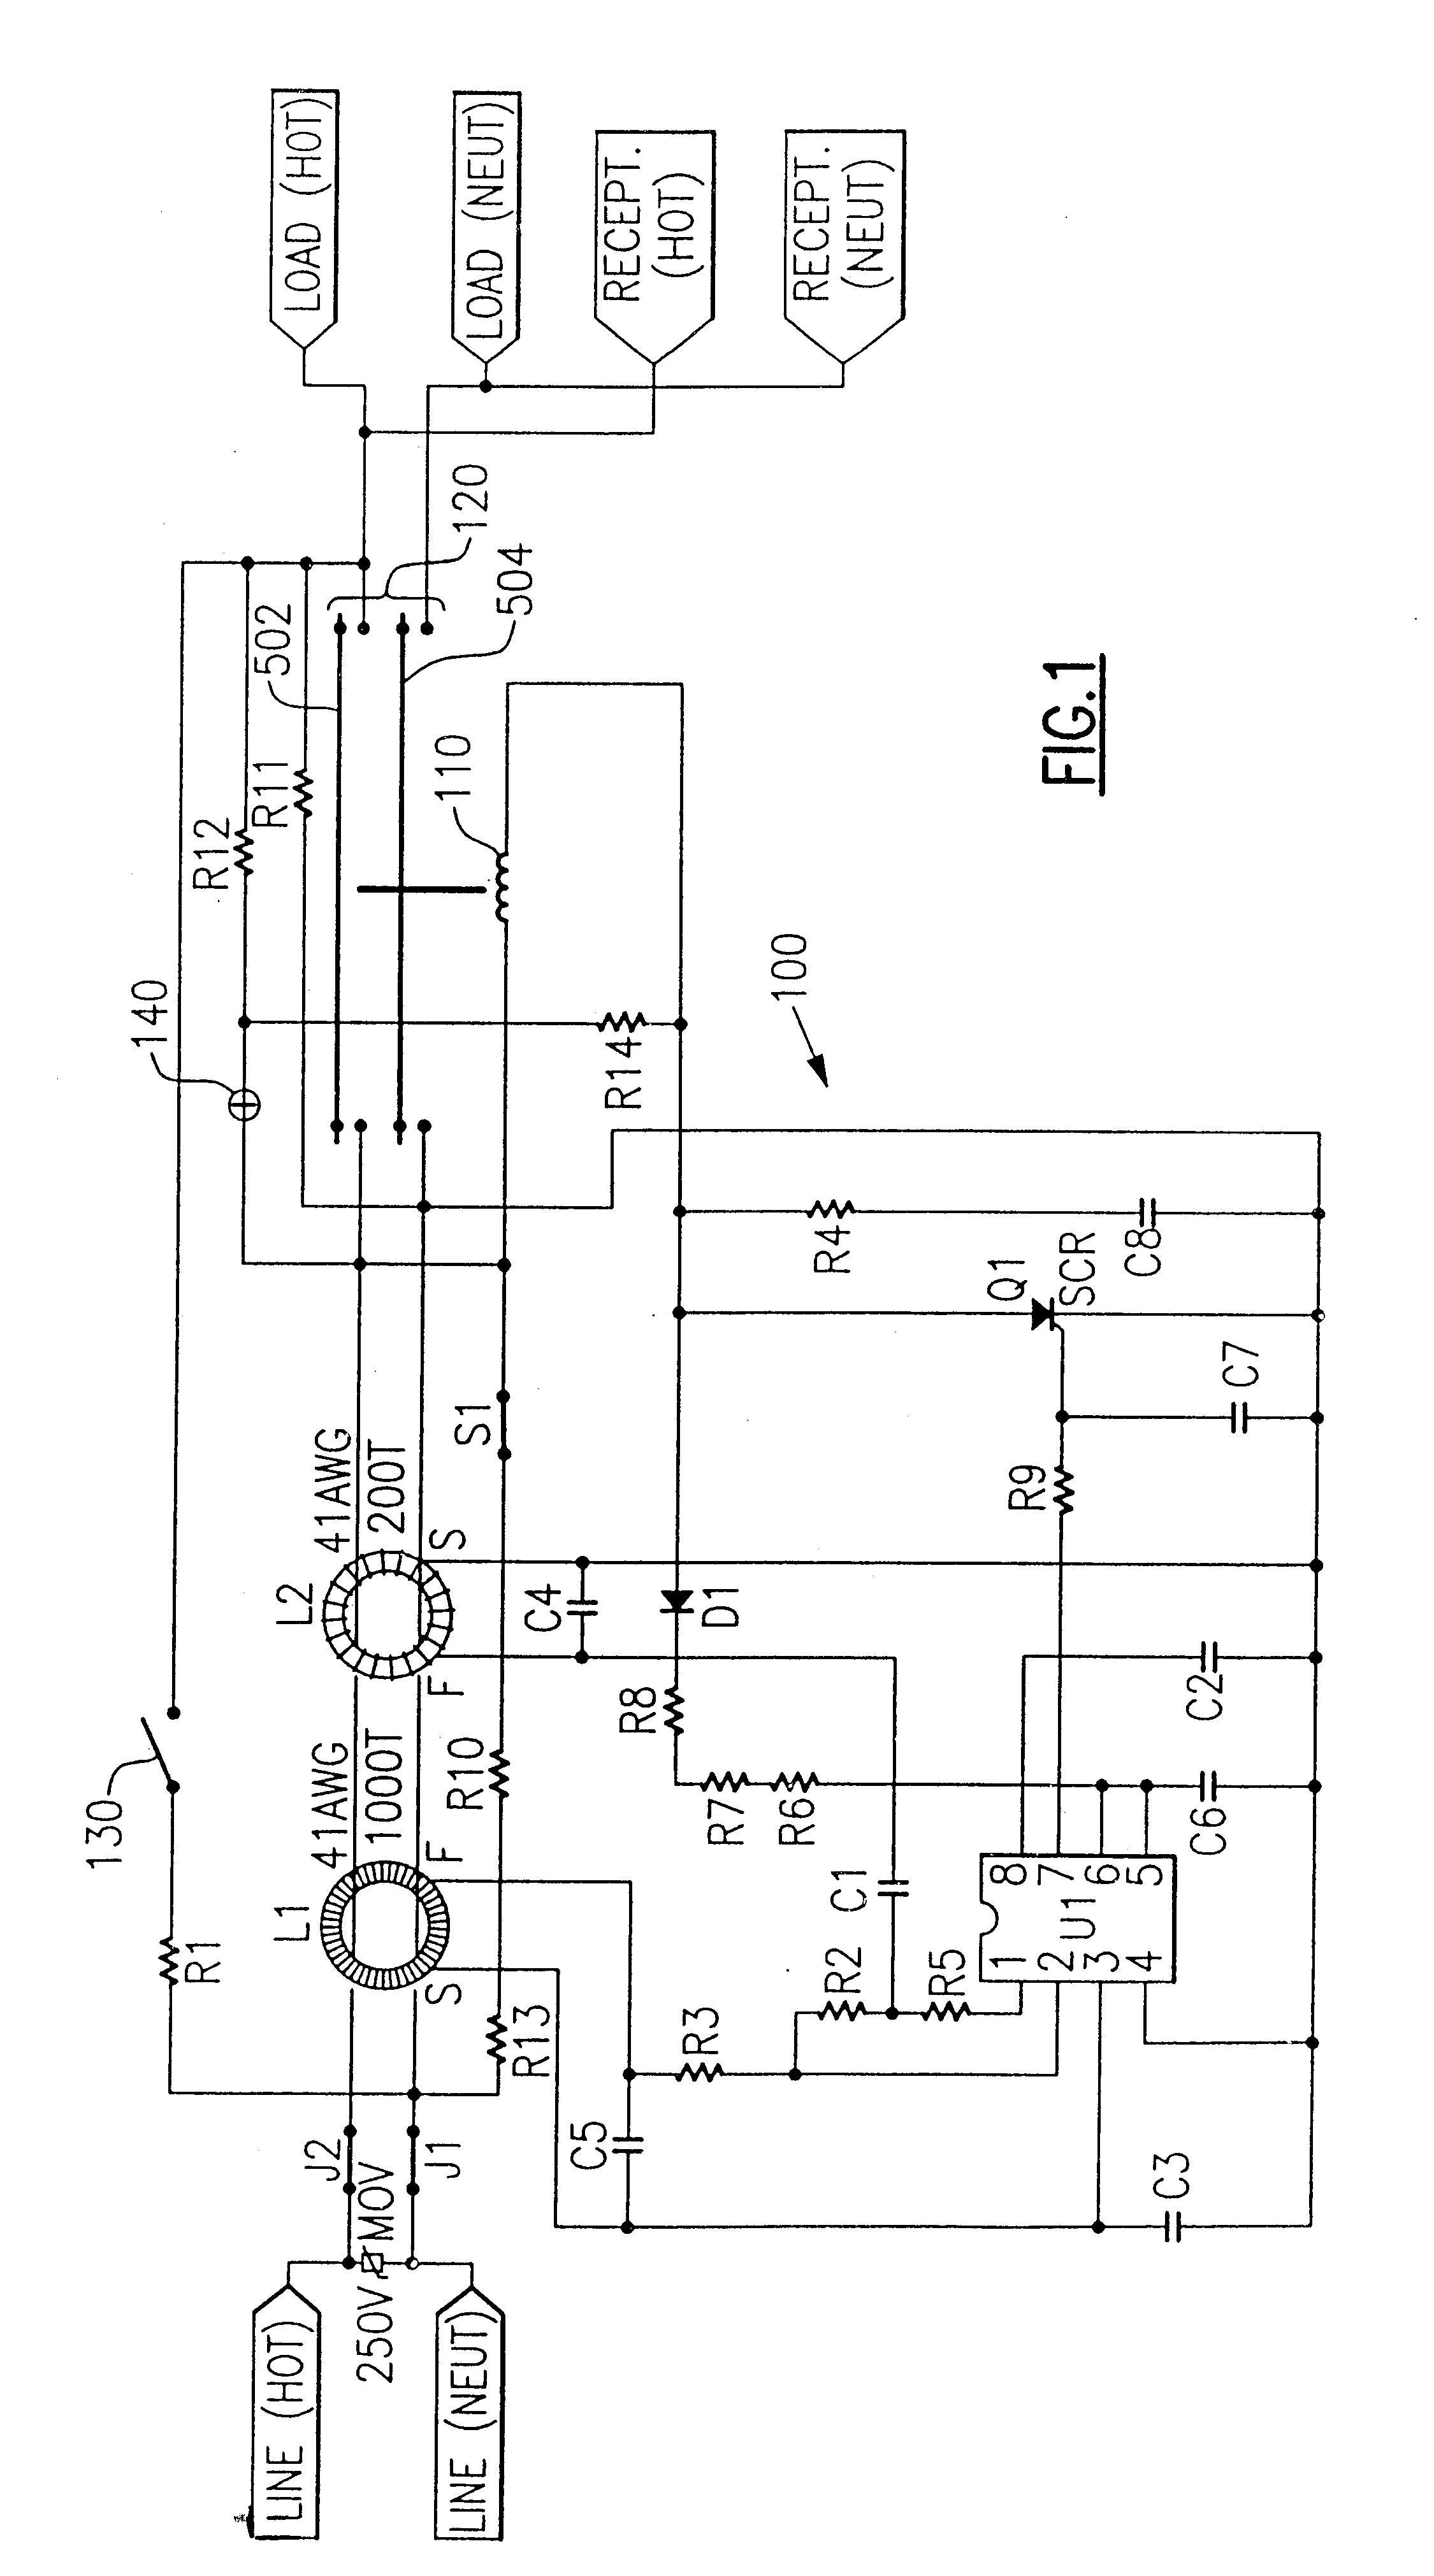 patent us6724590